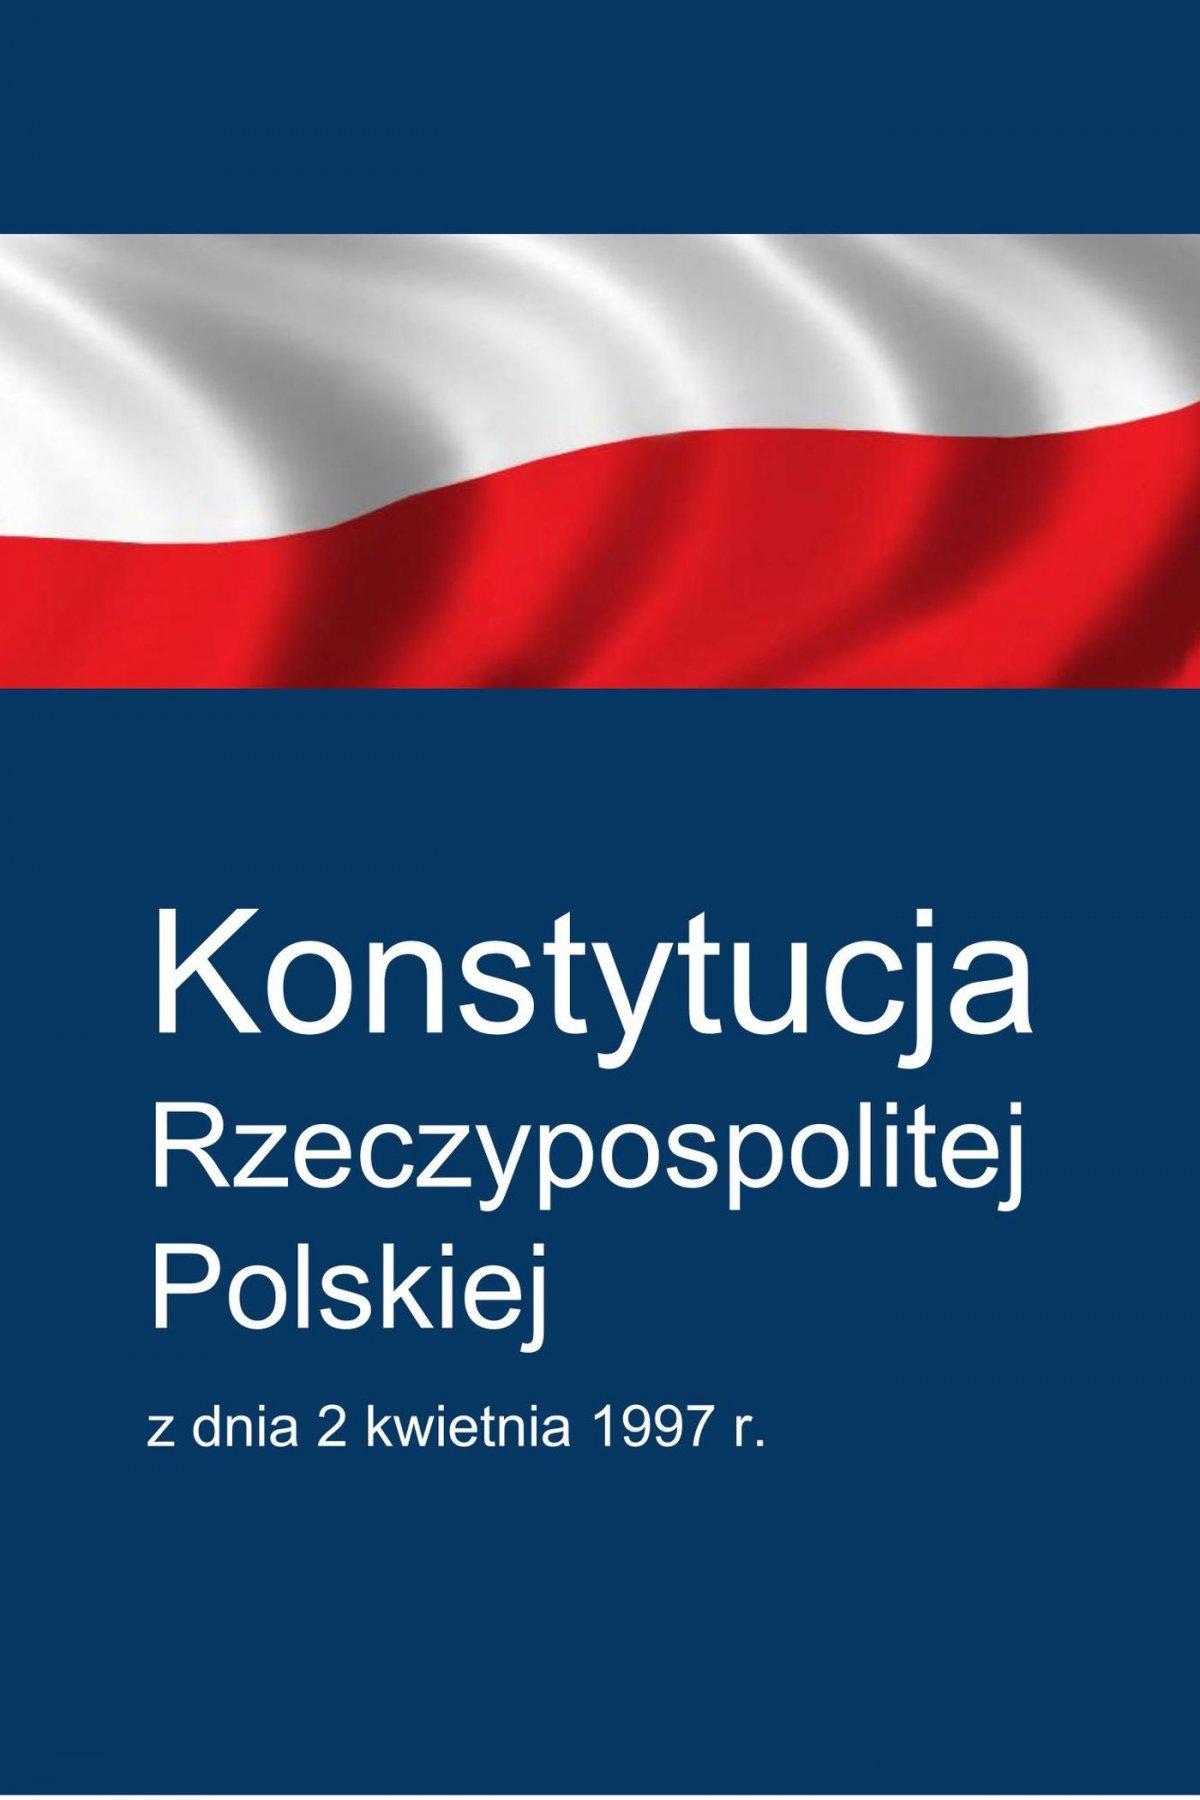 Konstytucja Rzeczypospolitej Polskiej - Ebook (Książka na Kindle) do pobrania w formacie MOBI